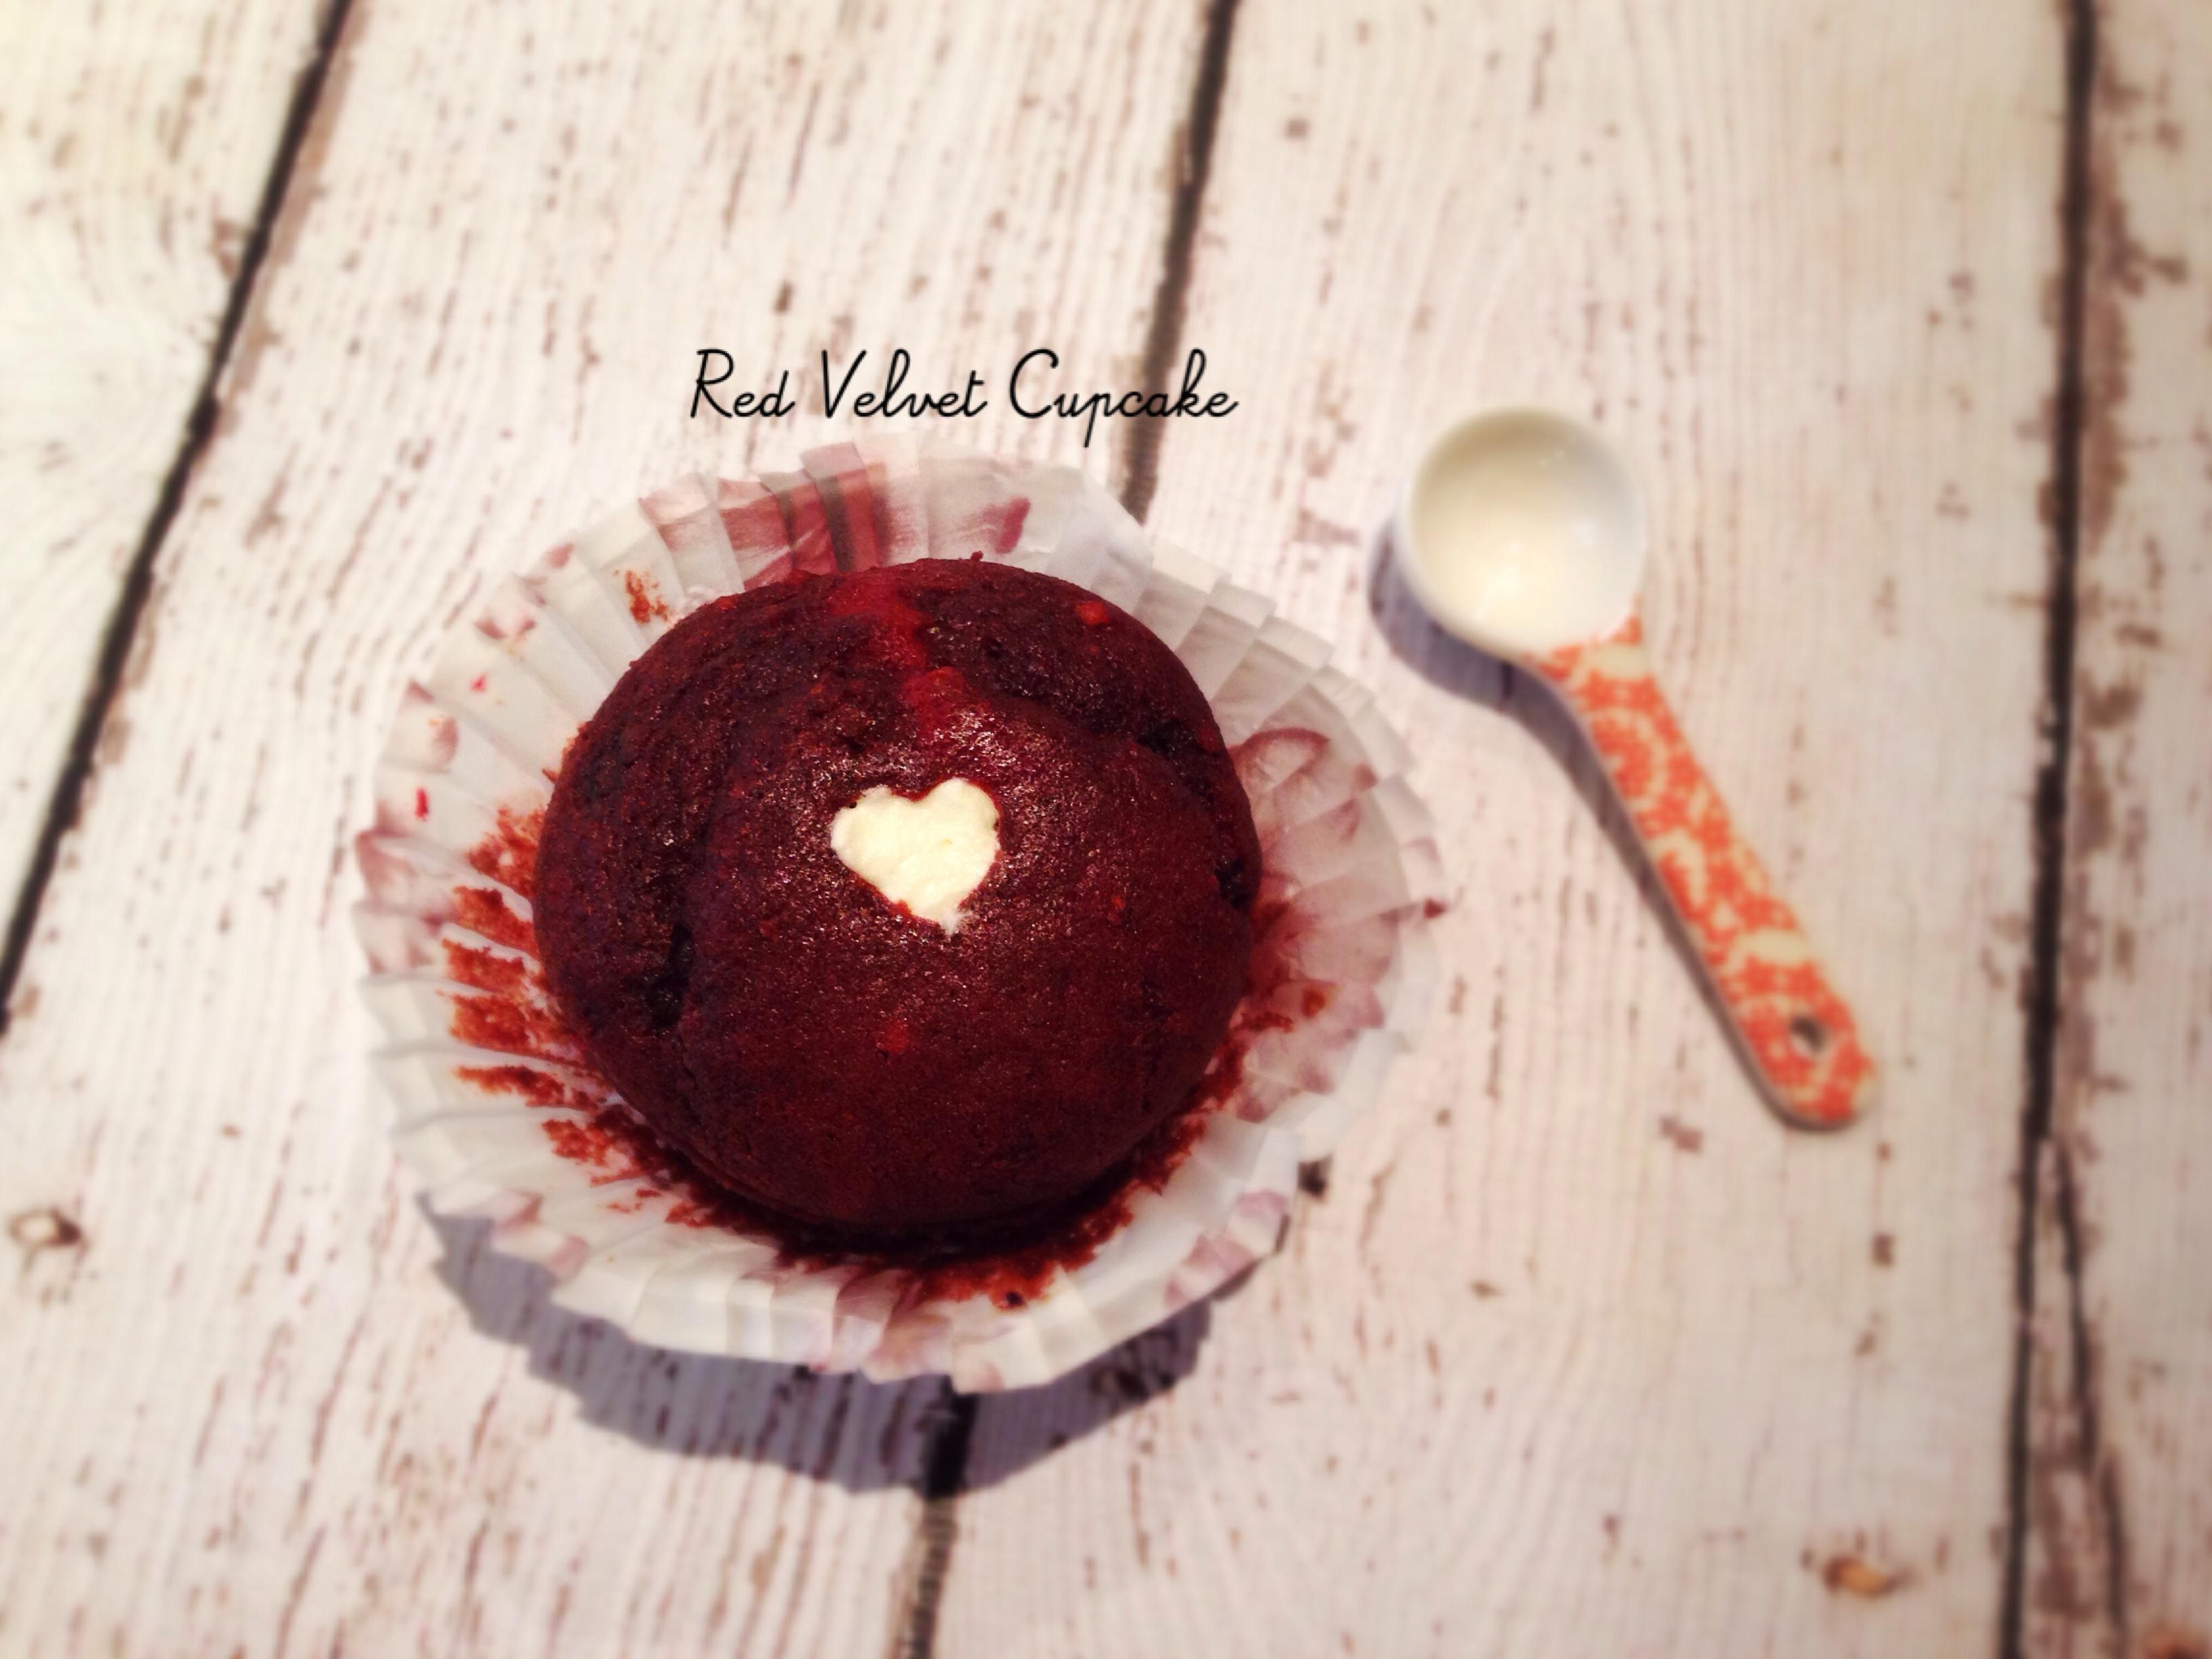 紅絲絨杯子蛋糕 Red Velvet Cupcake with Whipped Cream Filling